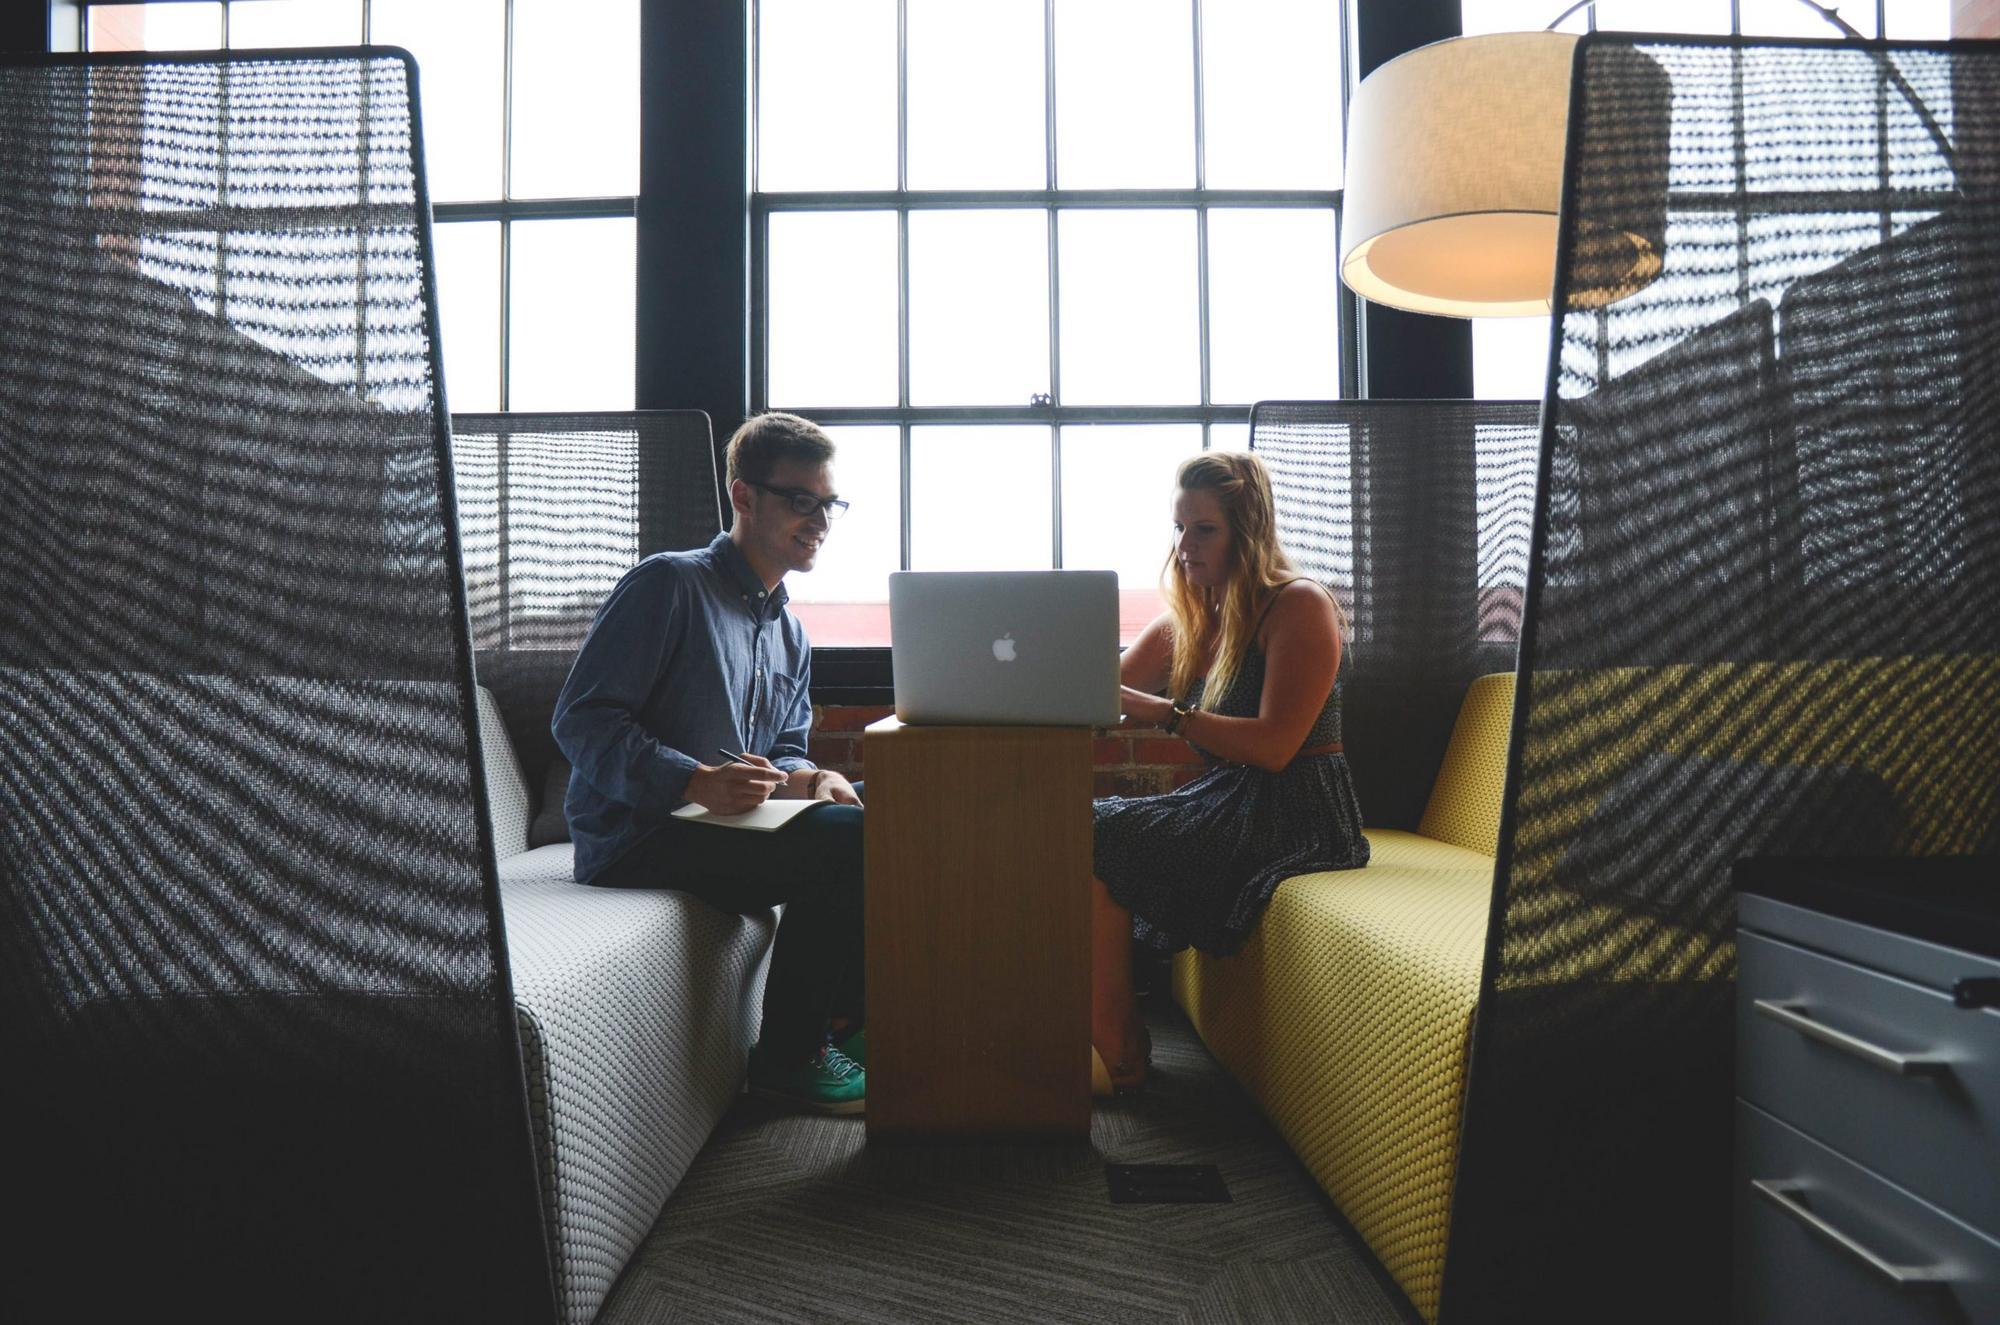 Kaksi henkilöä istuu vierekkäin. Katsovat tietokonetta.